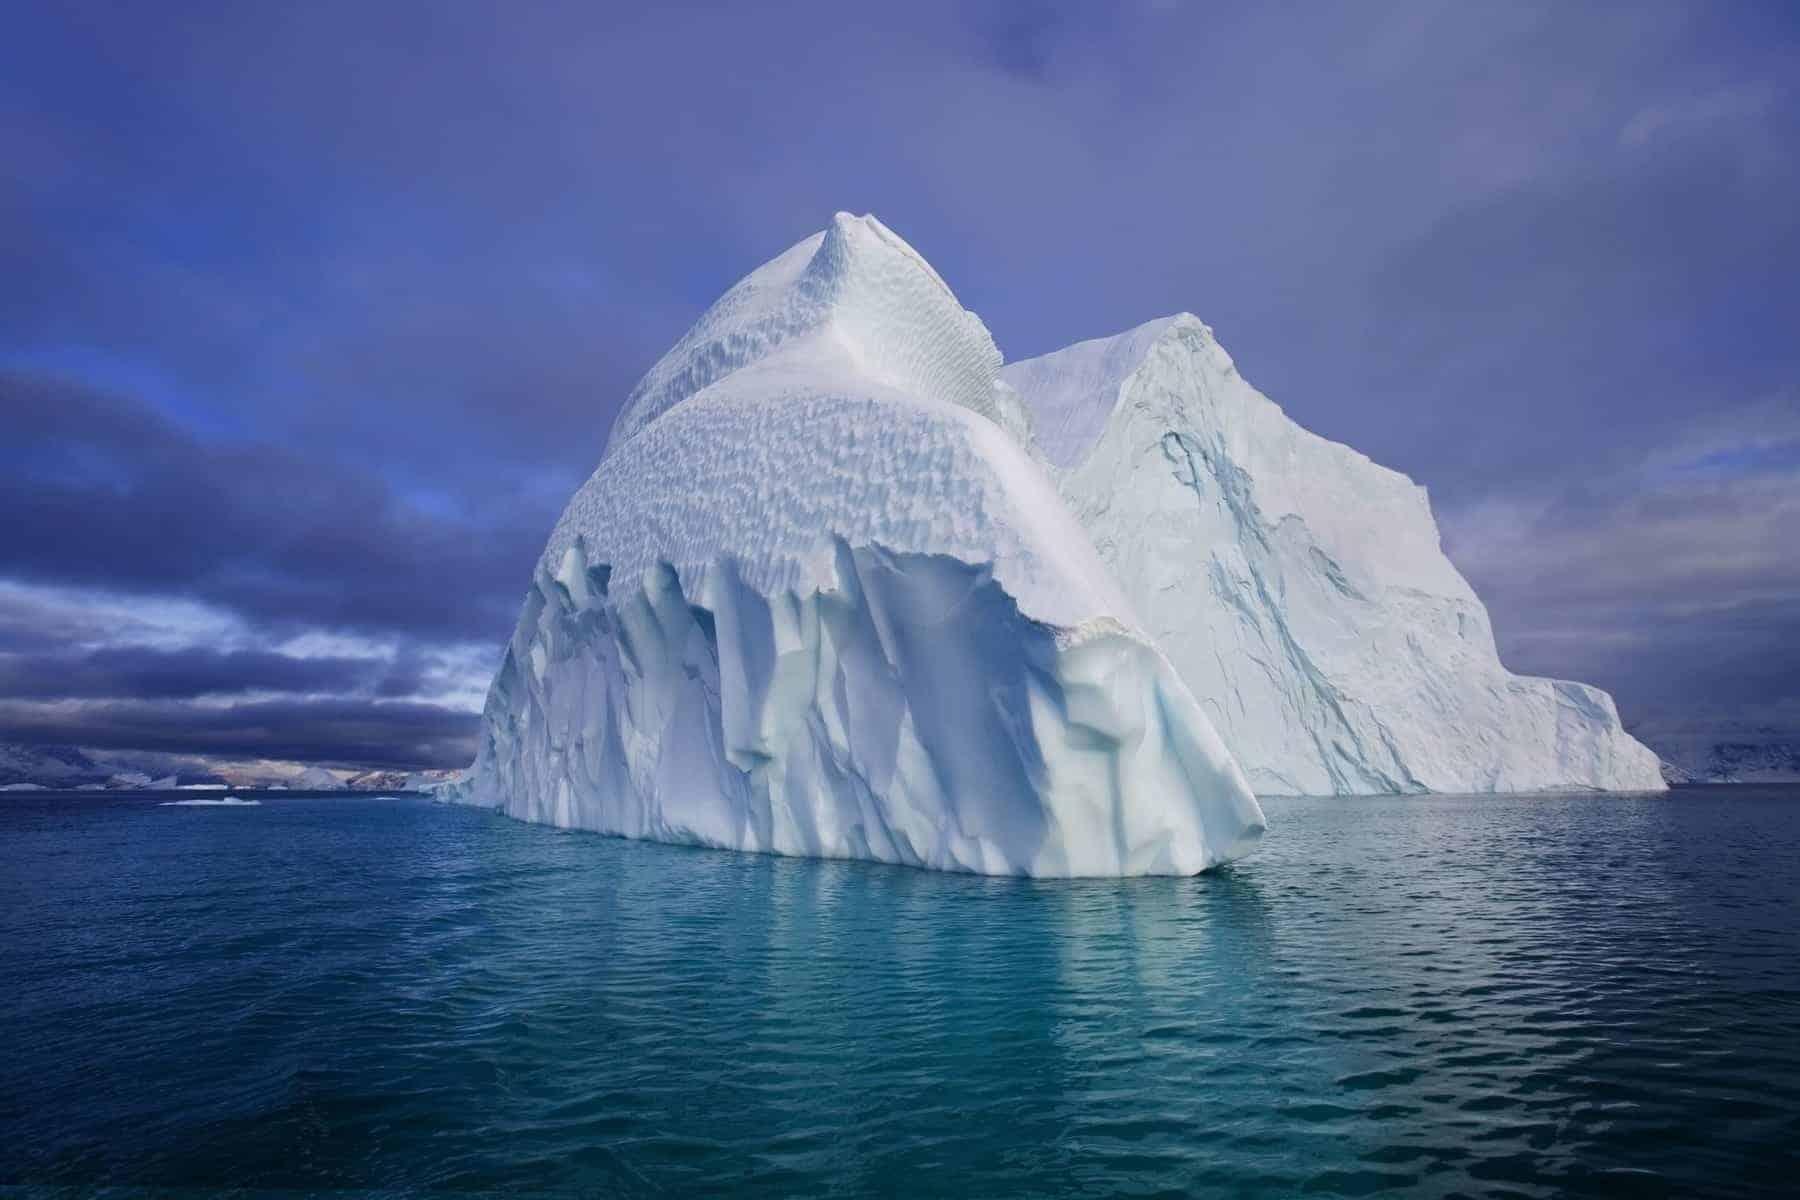 Iceberg in the Iceberg graveyard in Franz Joseph Fjord in eastern Greenland